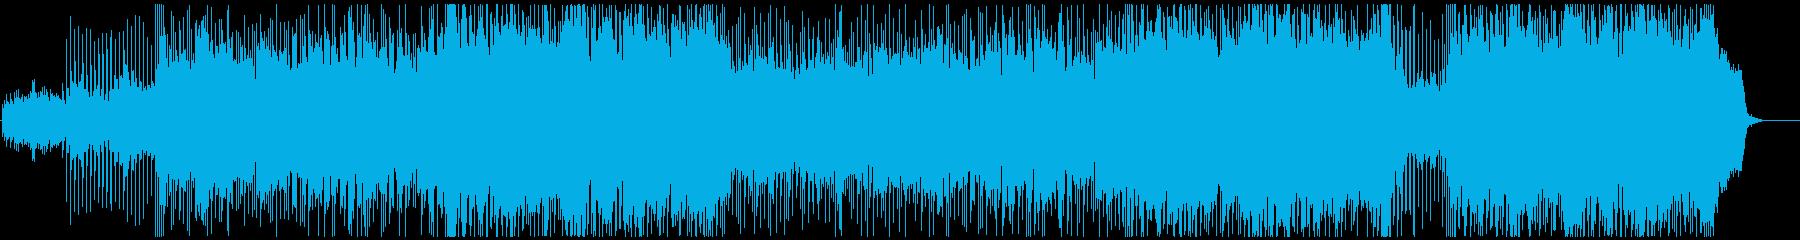 企業VP向け前進的ポップロックの再生済みの波形